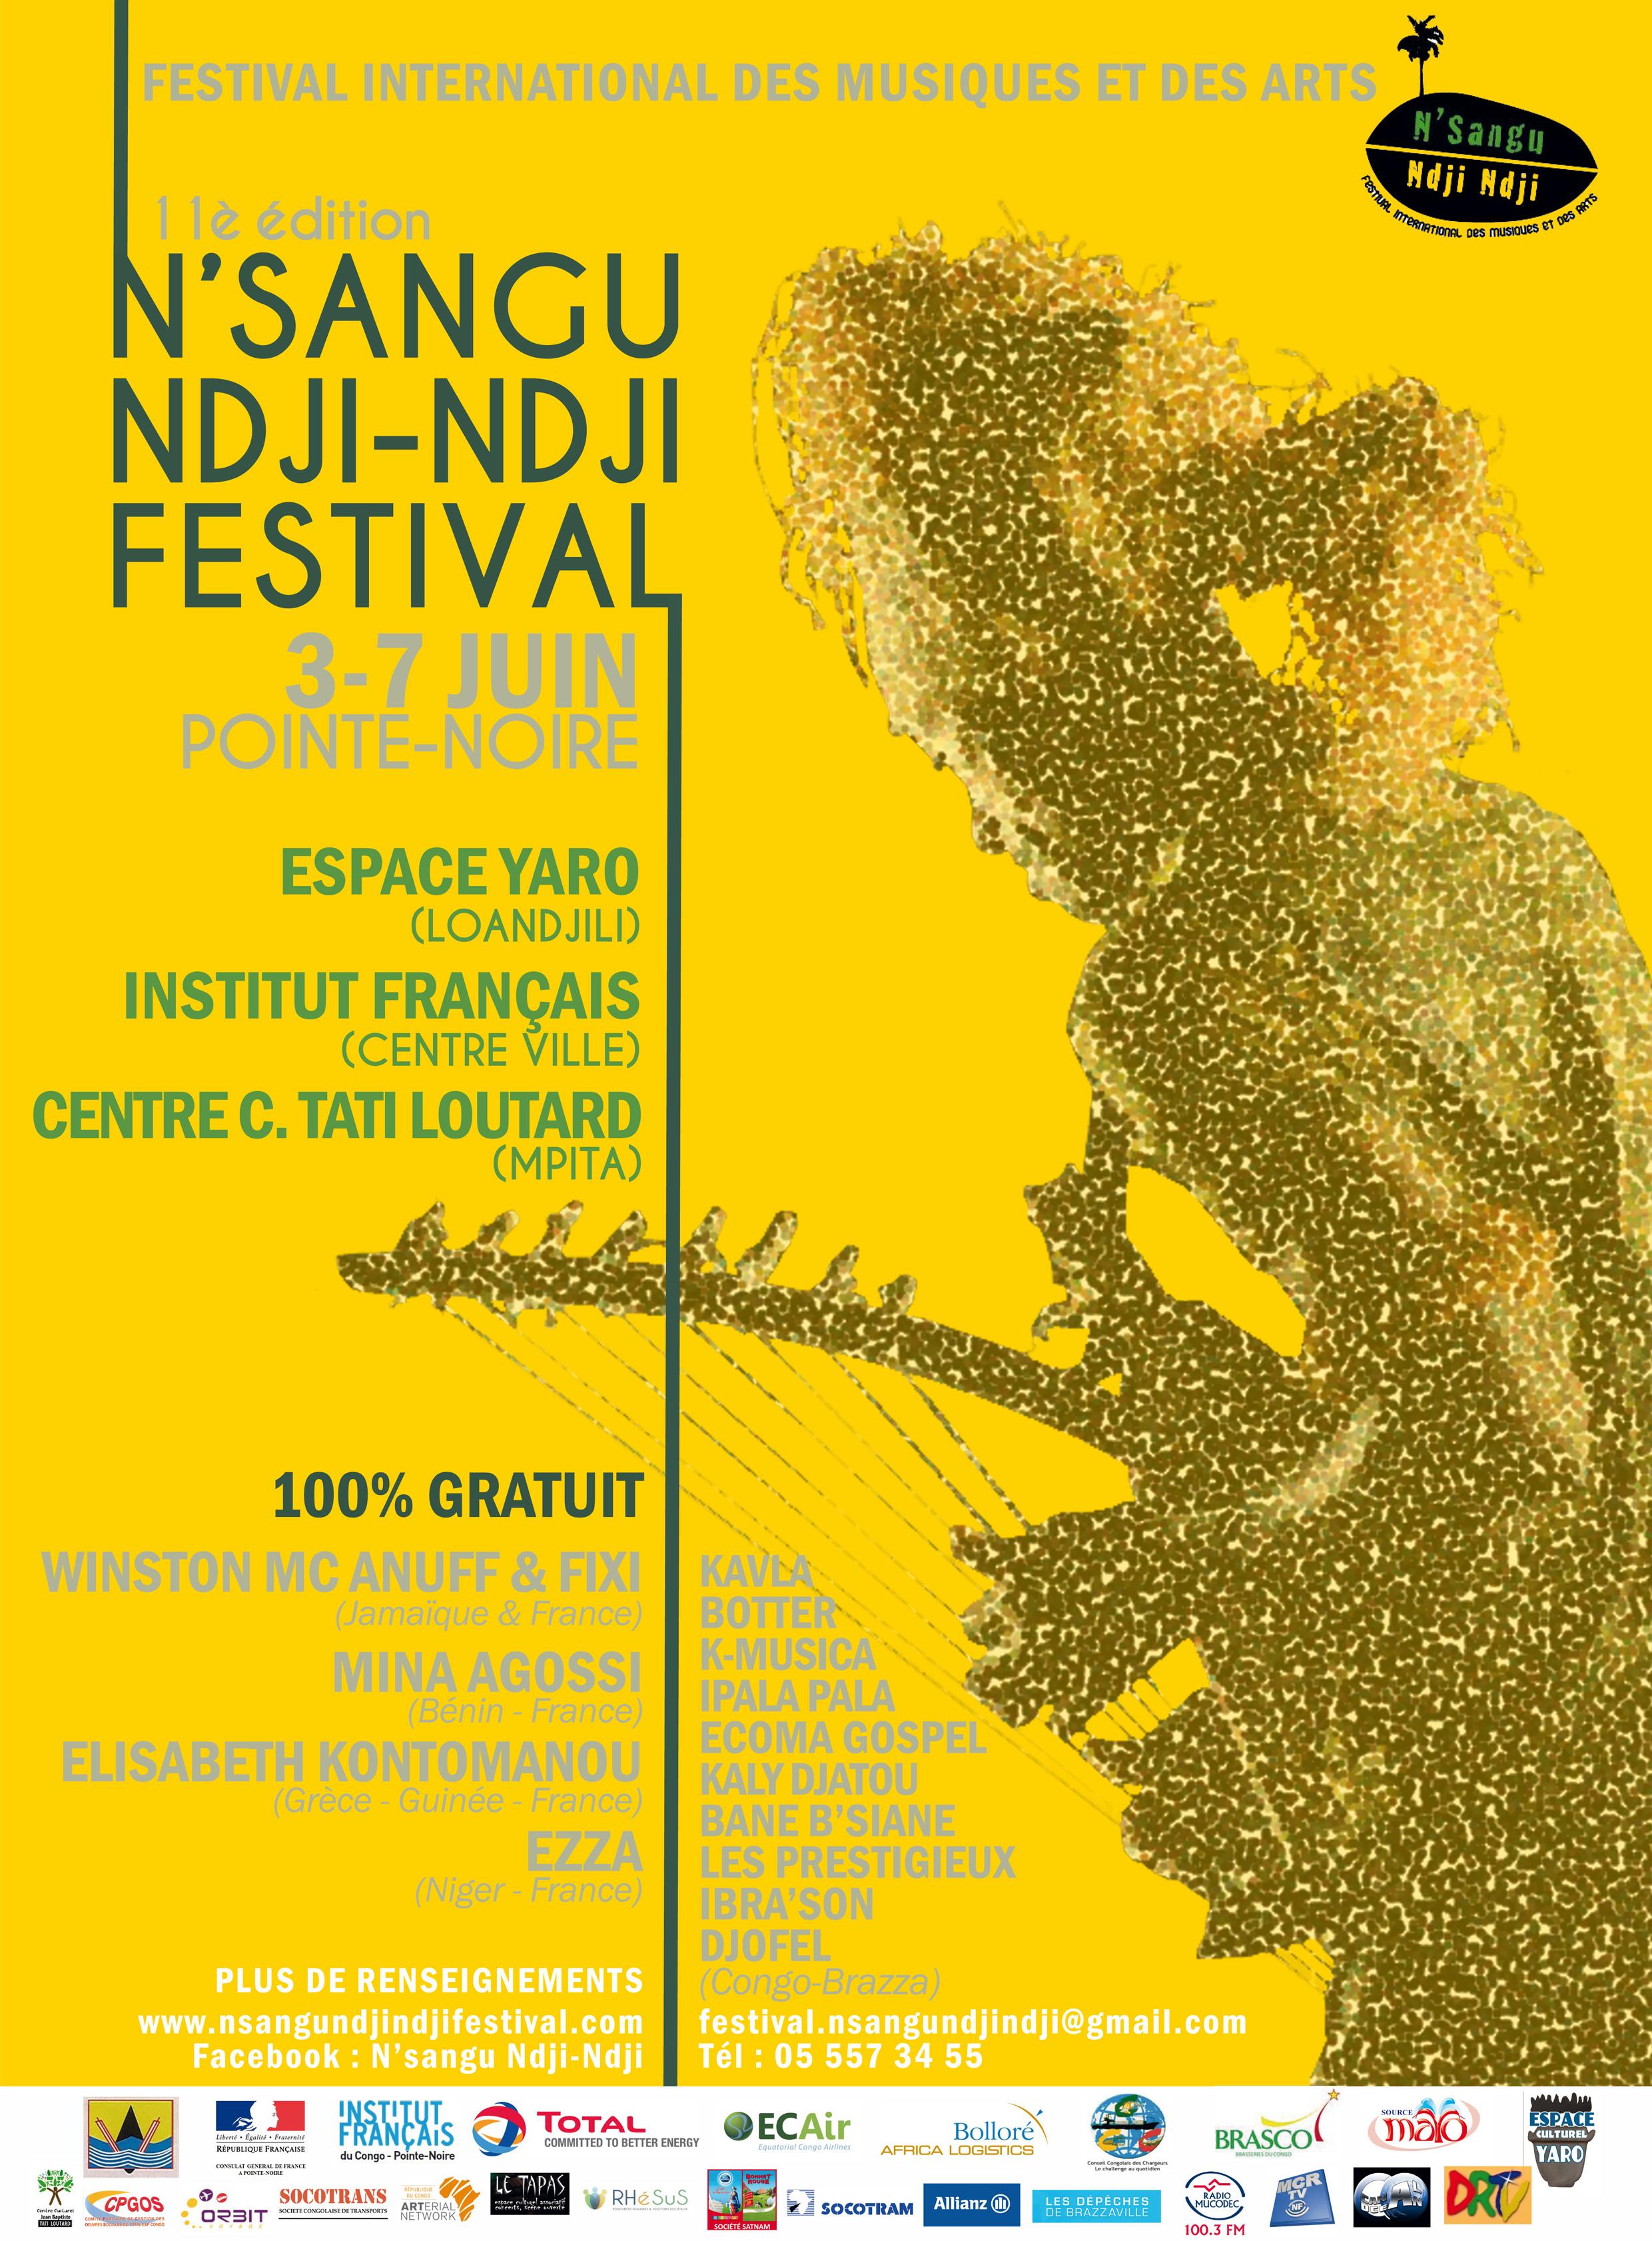 festival n'sangu ndji ndji